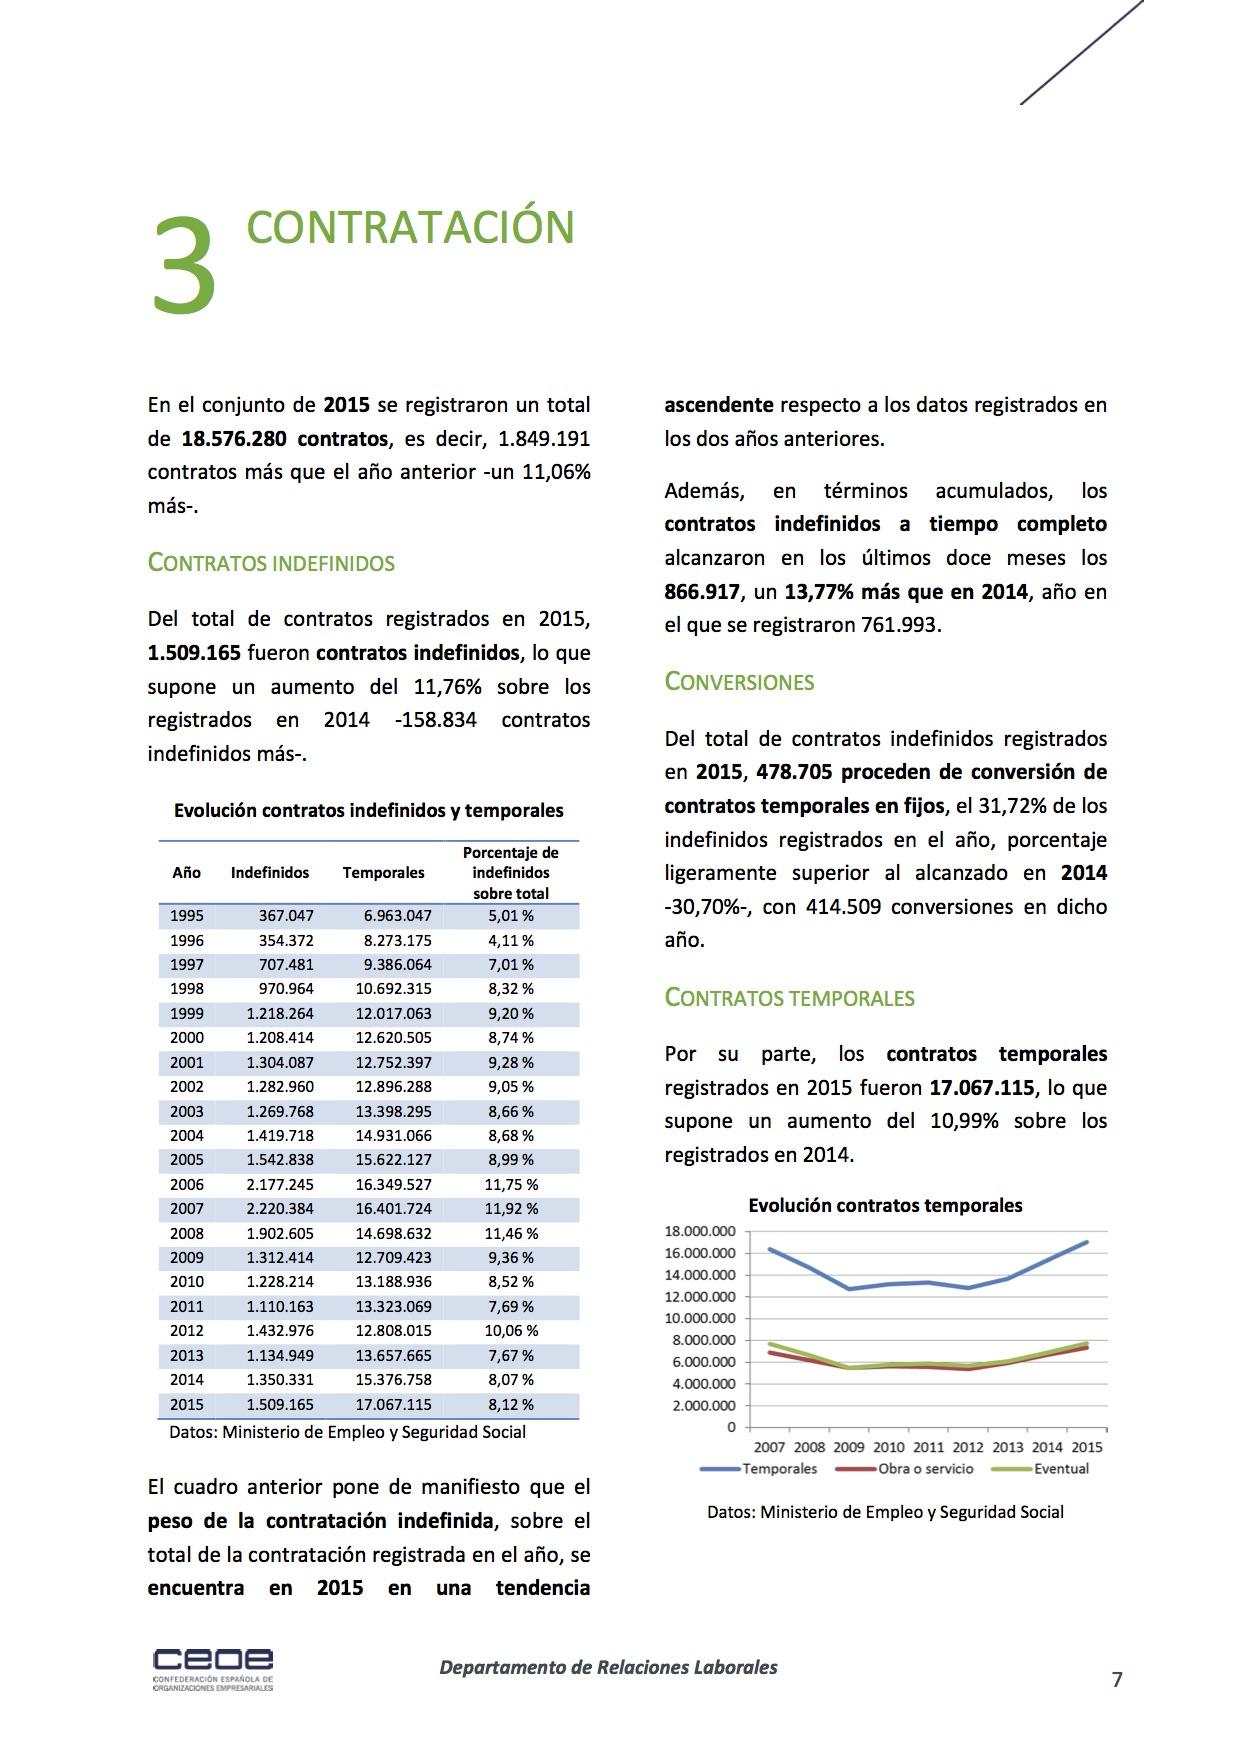 7publications_docs-file-175-analisis-del-mercado-laboral-de-2015